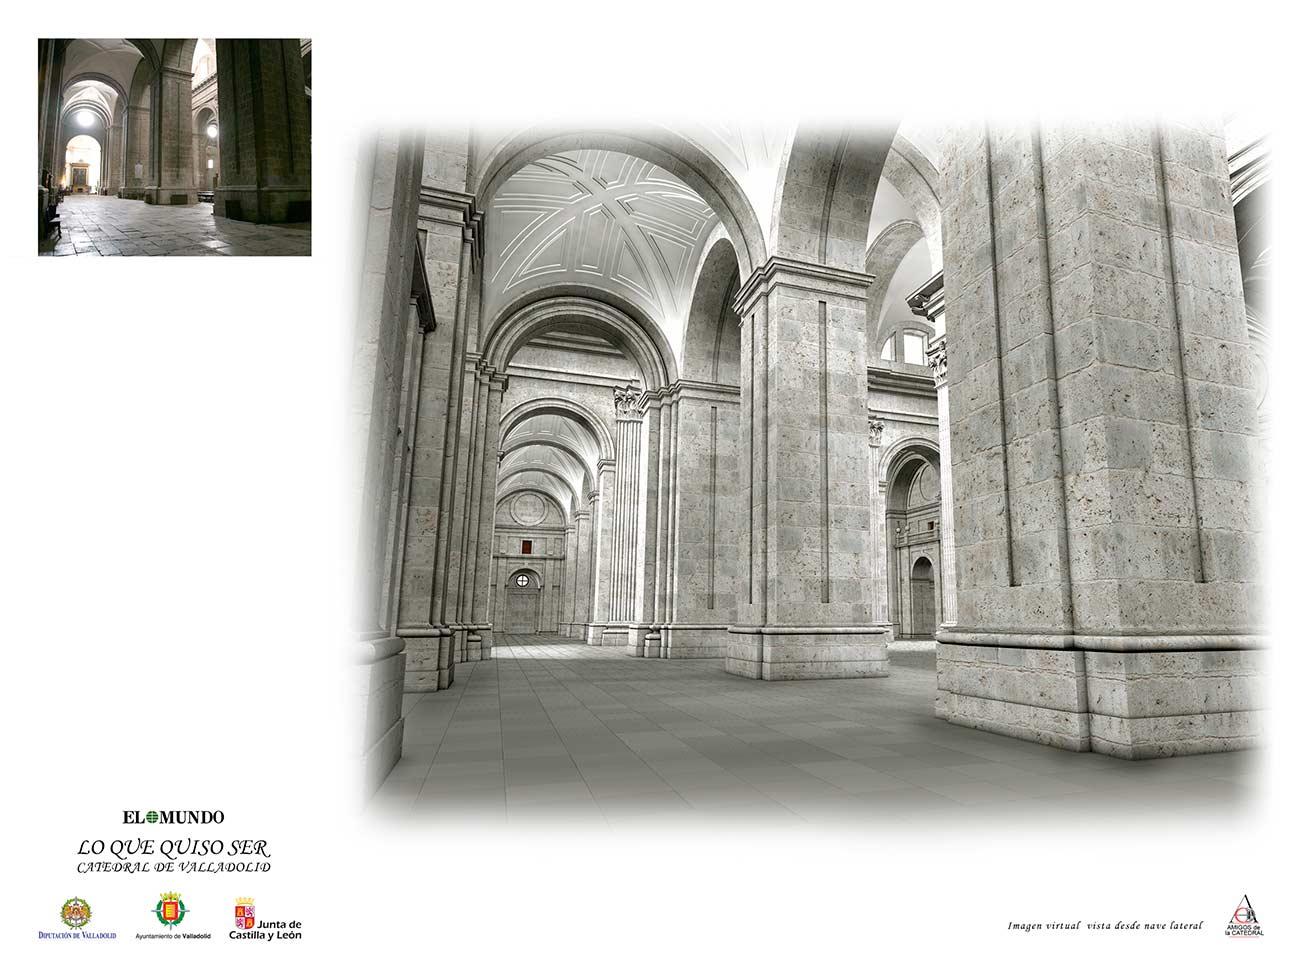 Catedral de valladolid lo que quiso ser - Estudio arquitectura valladolid ...